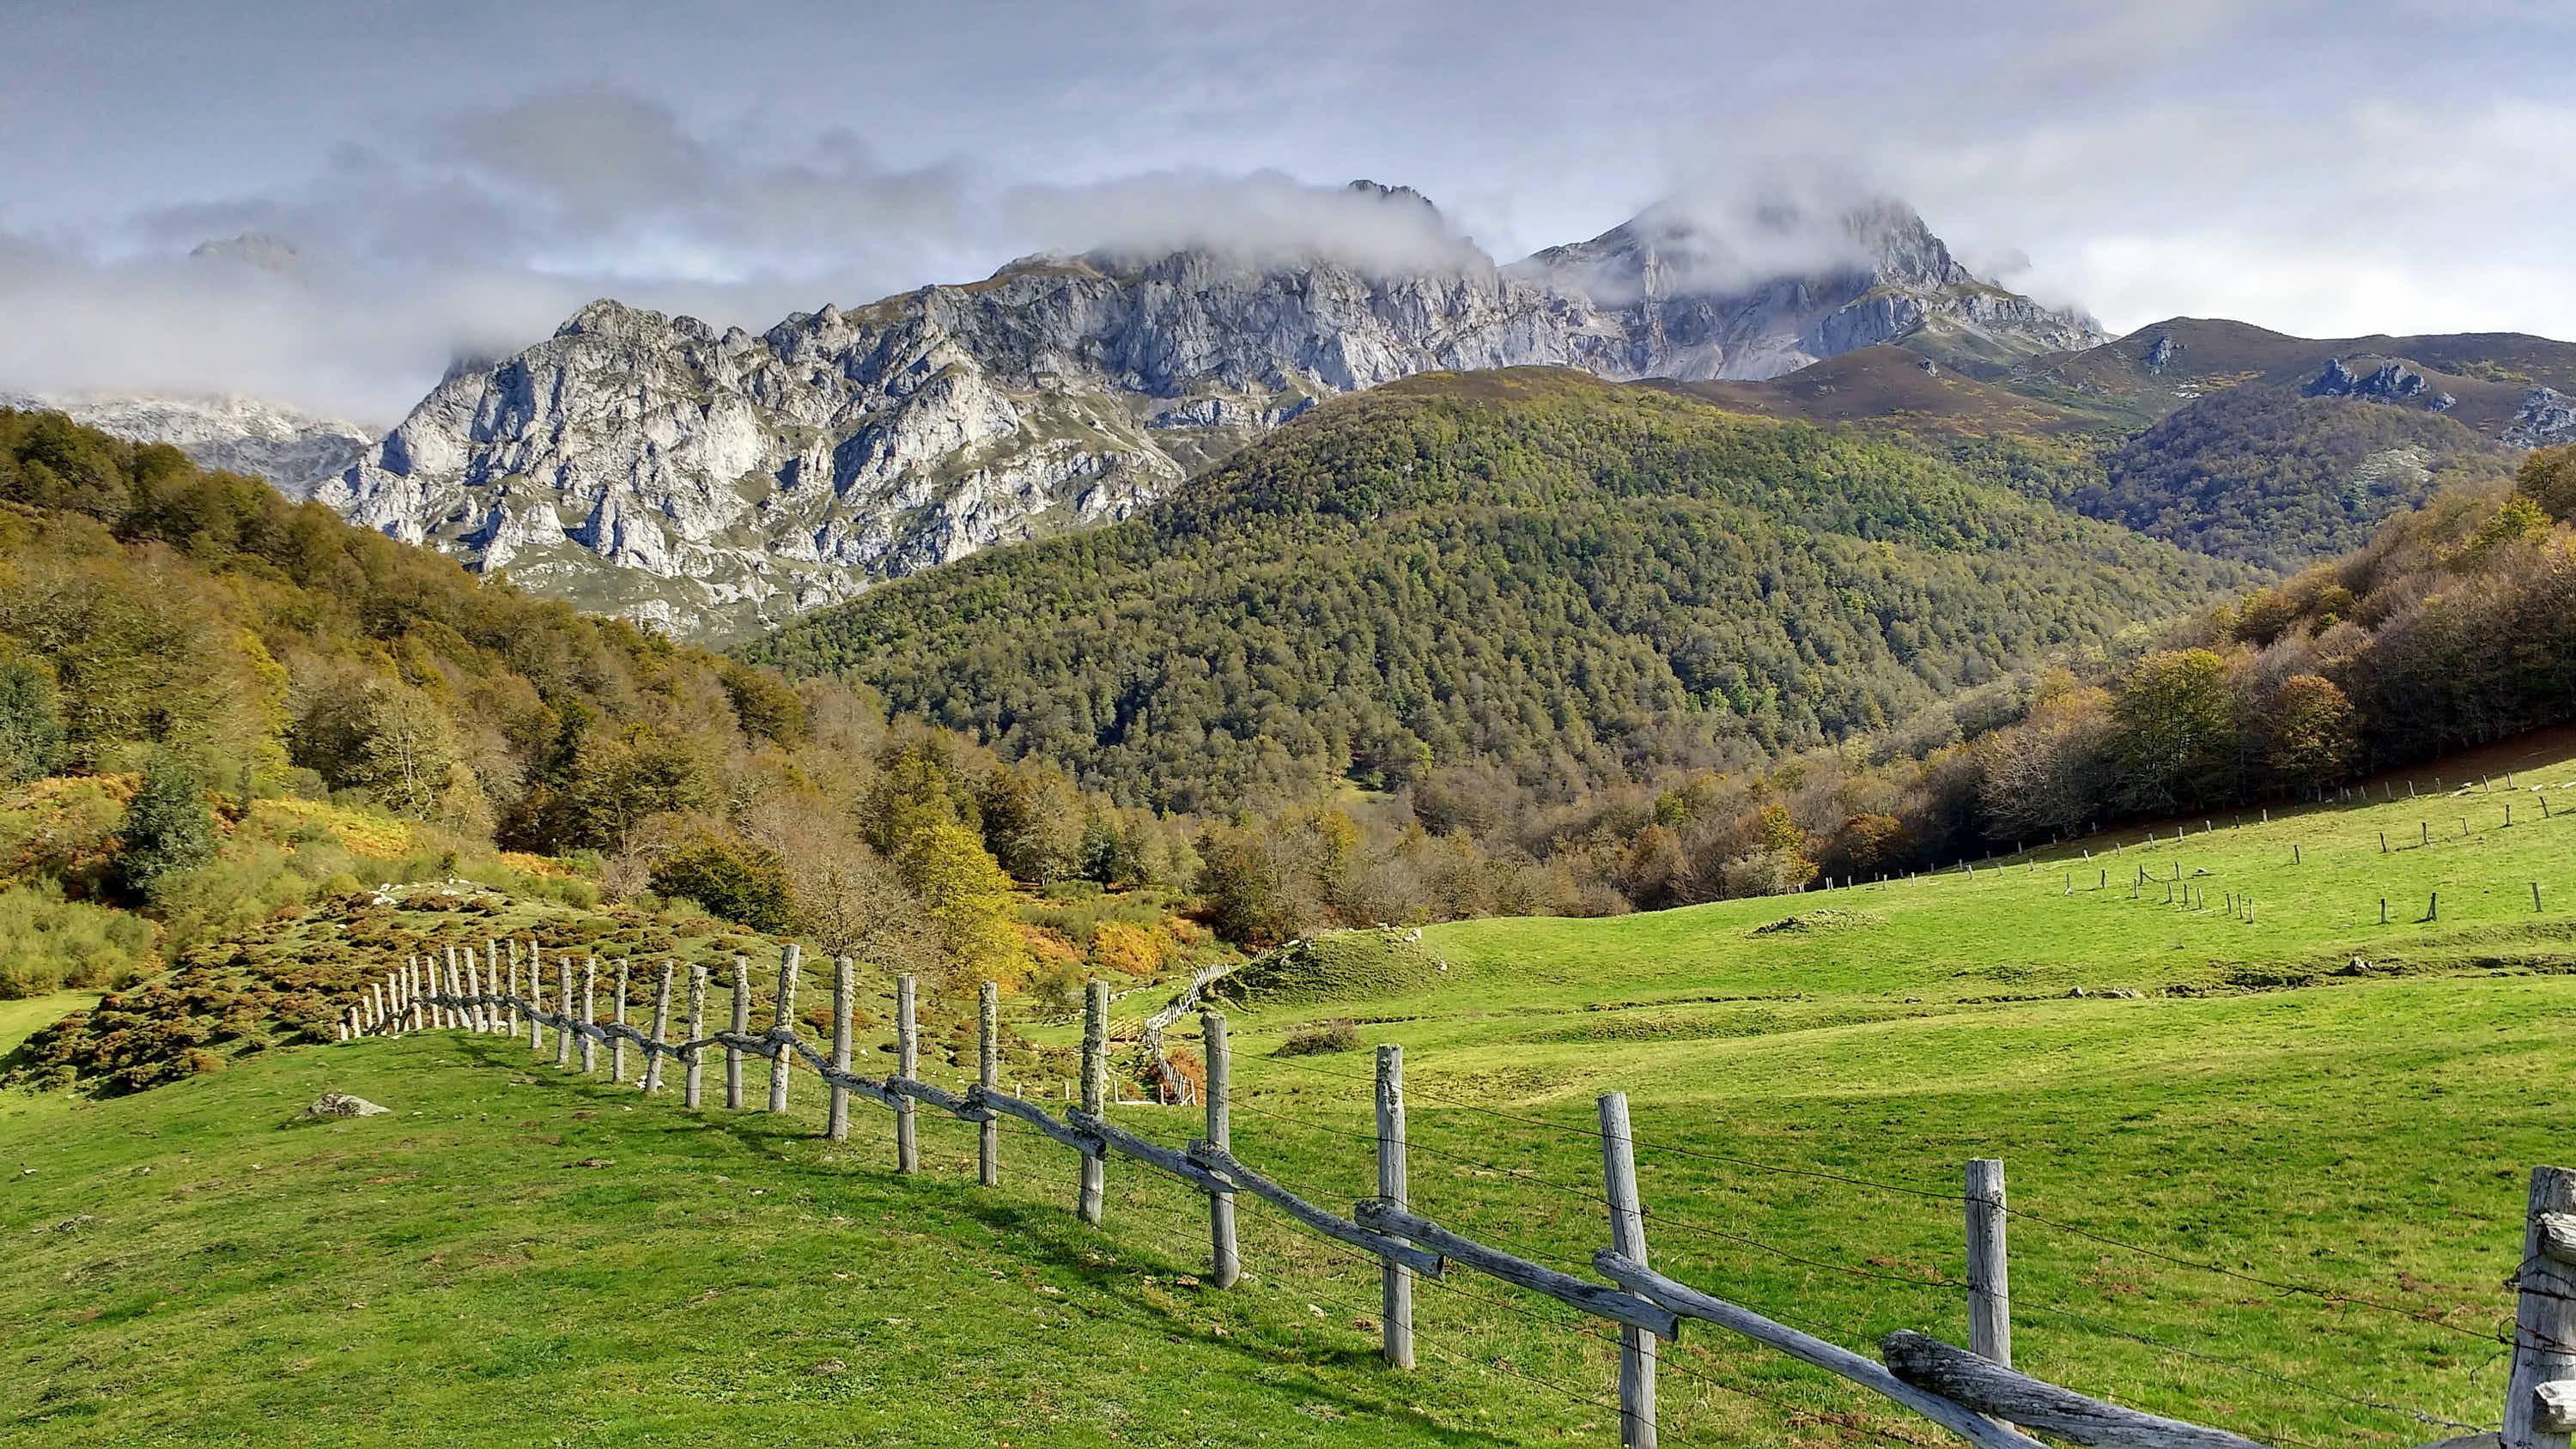 Macizo del Cornion visto desde Vegabaño, en el Valle de Sajambre de Leon